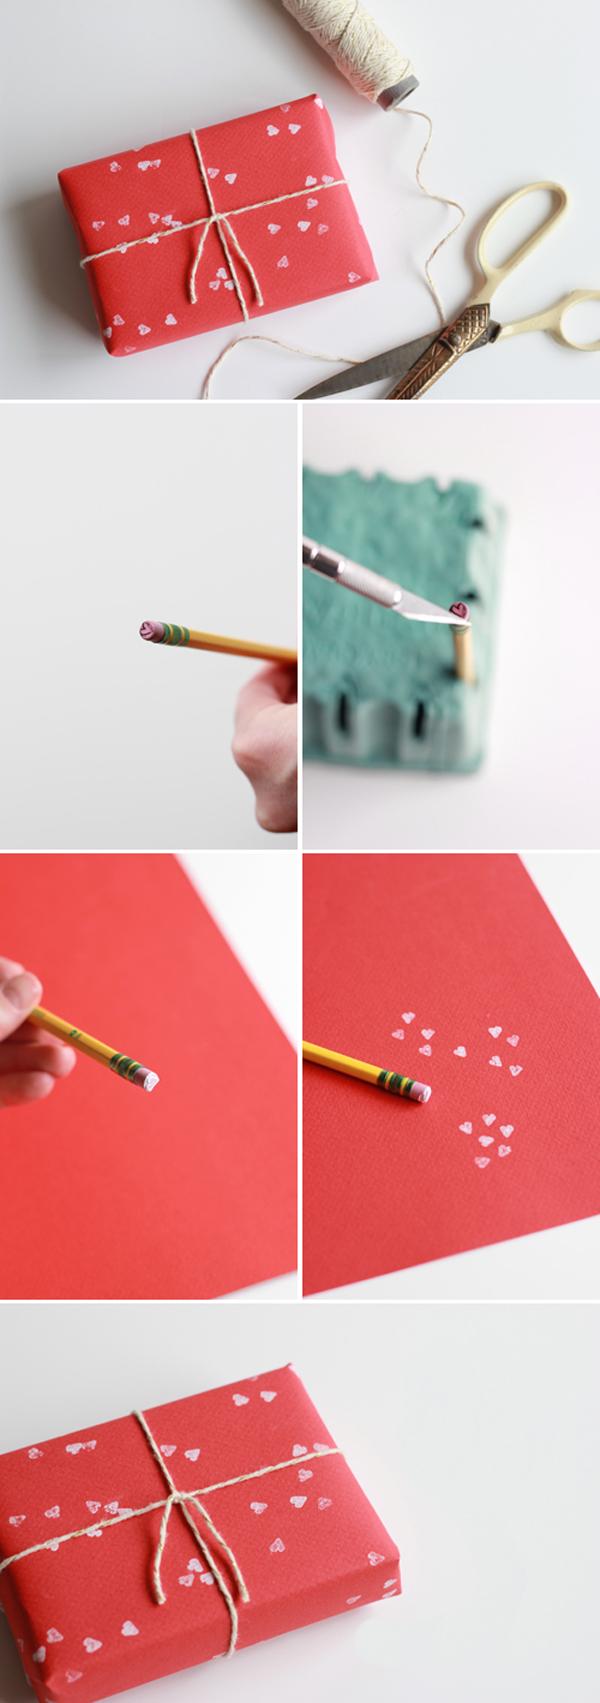 Подарки на День Святого Валентина. Как упаковать и оформить подарок для любимого/любимой?